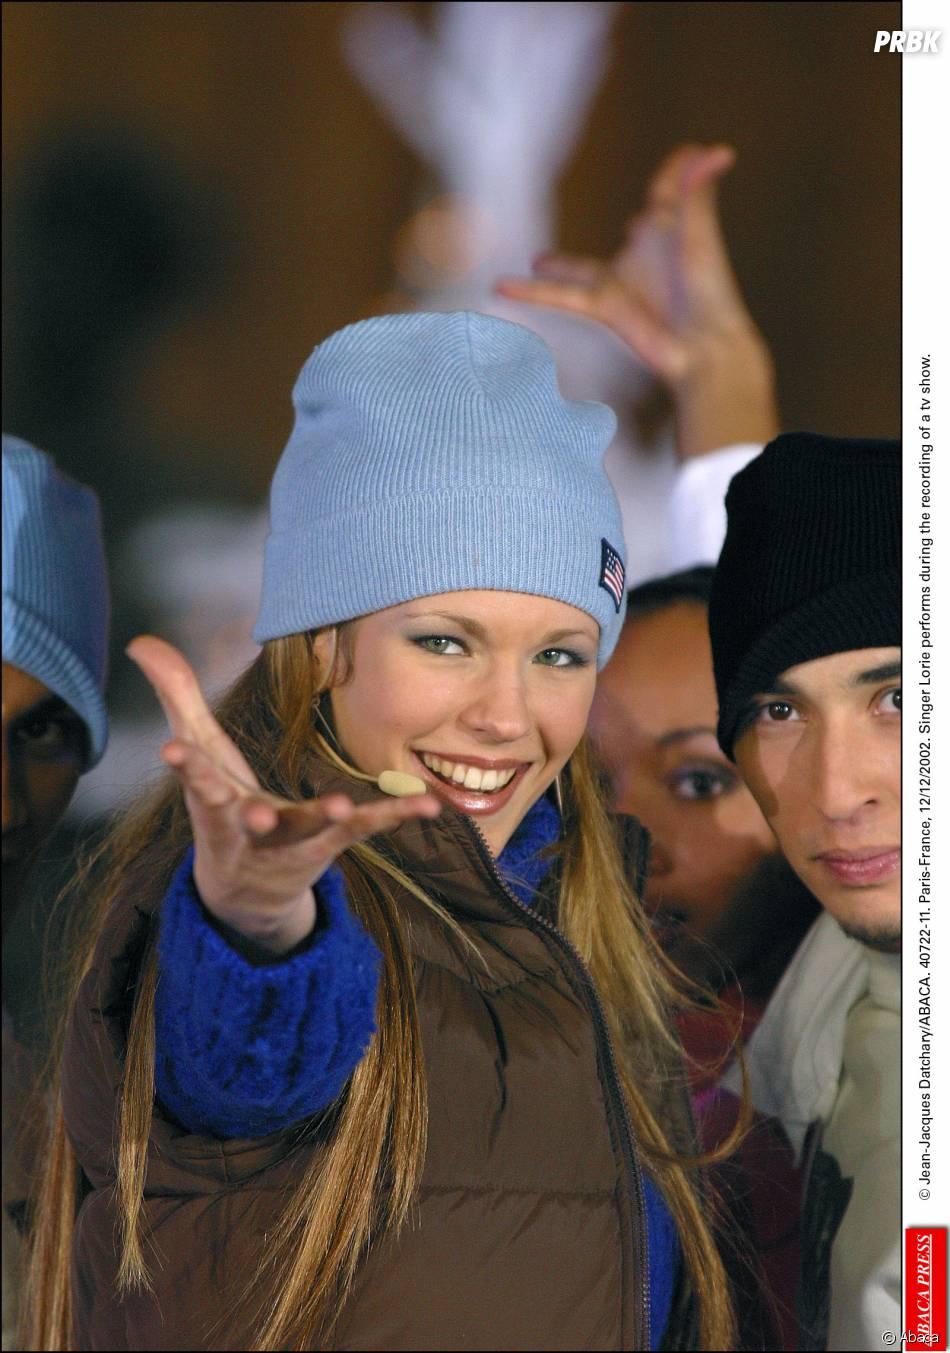 Lorie sur le plateau d'une émission télé en 2002